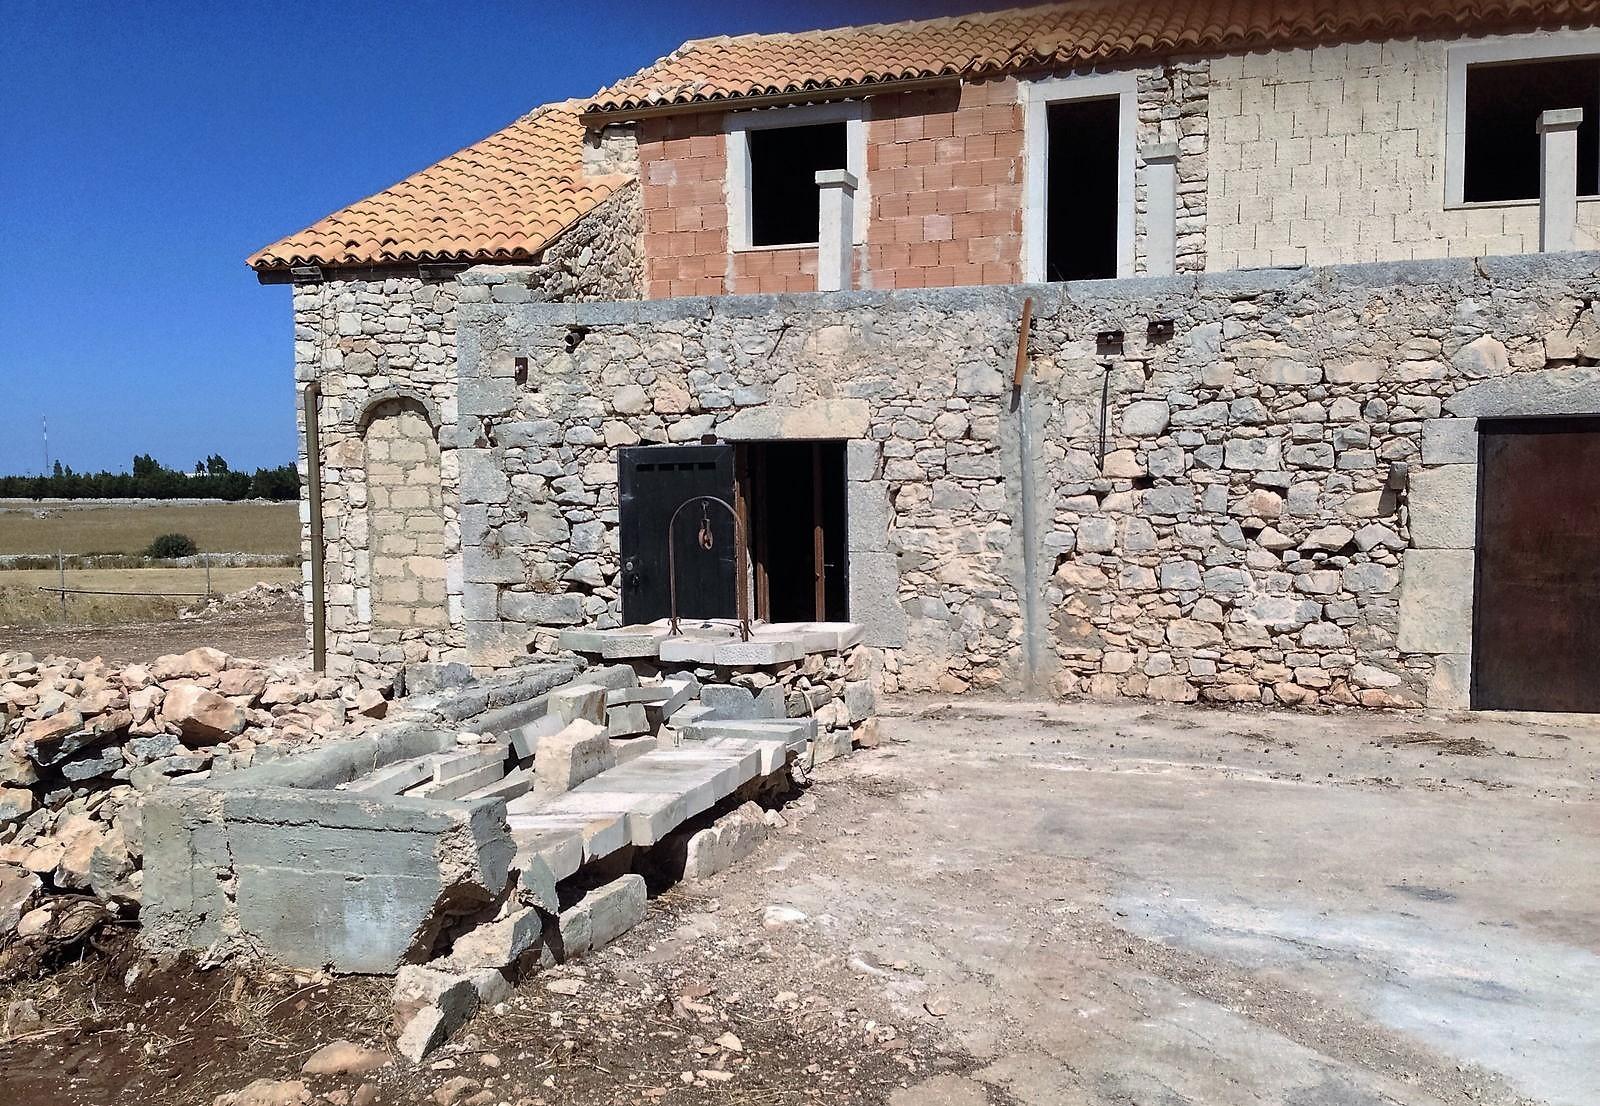 https://www.ragusanews.com//immagini_articoli/30-10-2016/1477843659-3-casale-rurale-in-contrada-pizzillo.jpg